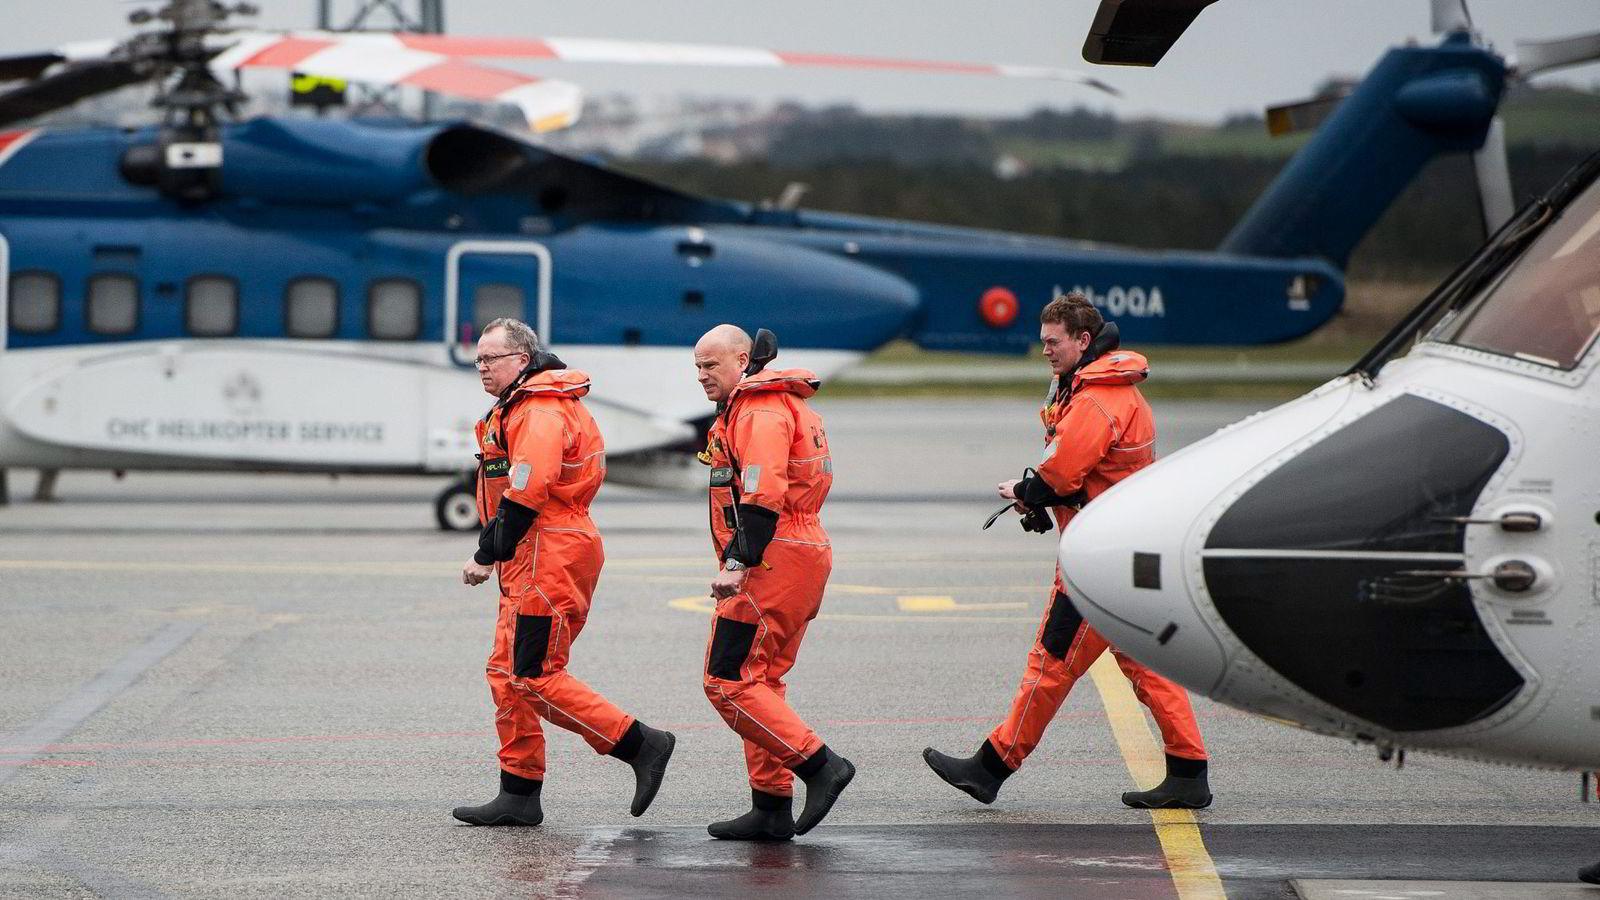 Statoil-sjef Eldar Sætre (til venstre) besøkte mandag Gullfaks B. Nå får han kritikk for å kutte kostnader for raskt. Foto: Carina Johansen/